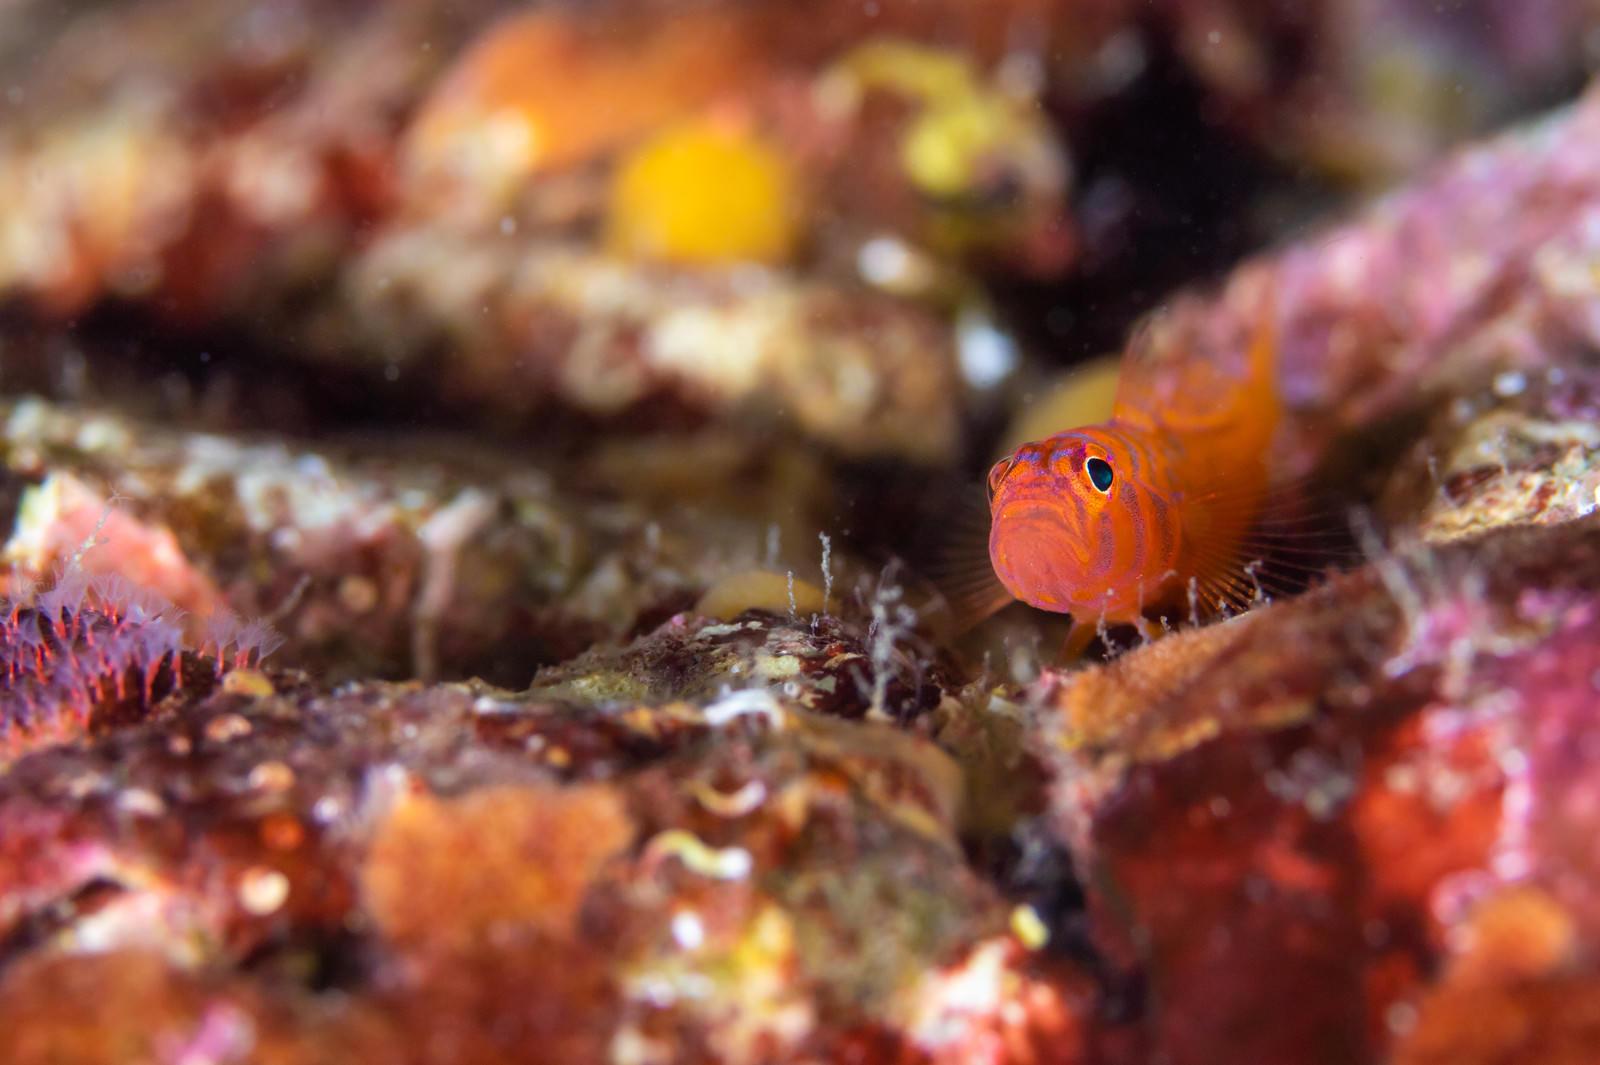 「海底に潜むオキナワベニハゼ(ハゼ科) | 写真の無料素材・フリー素材 - ぱくたそ」の写真